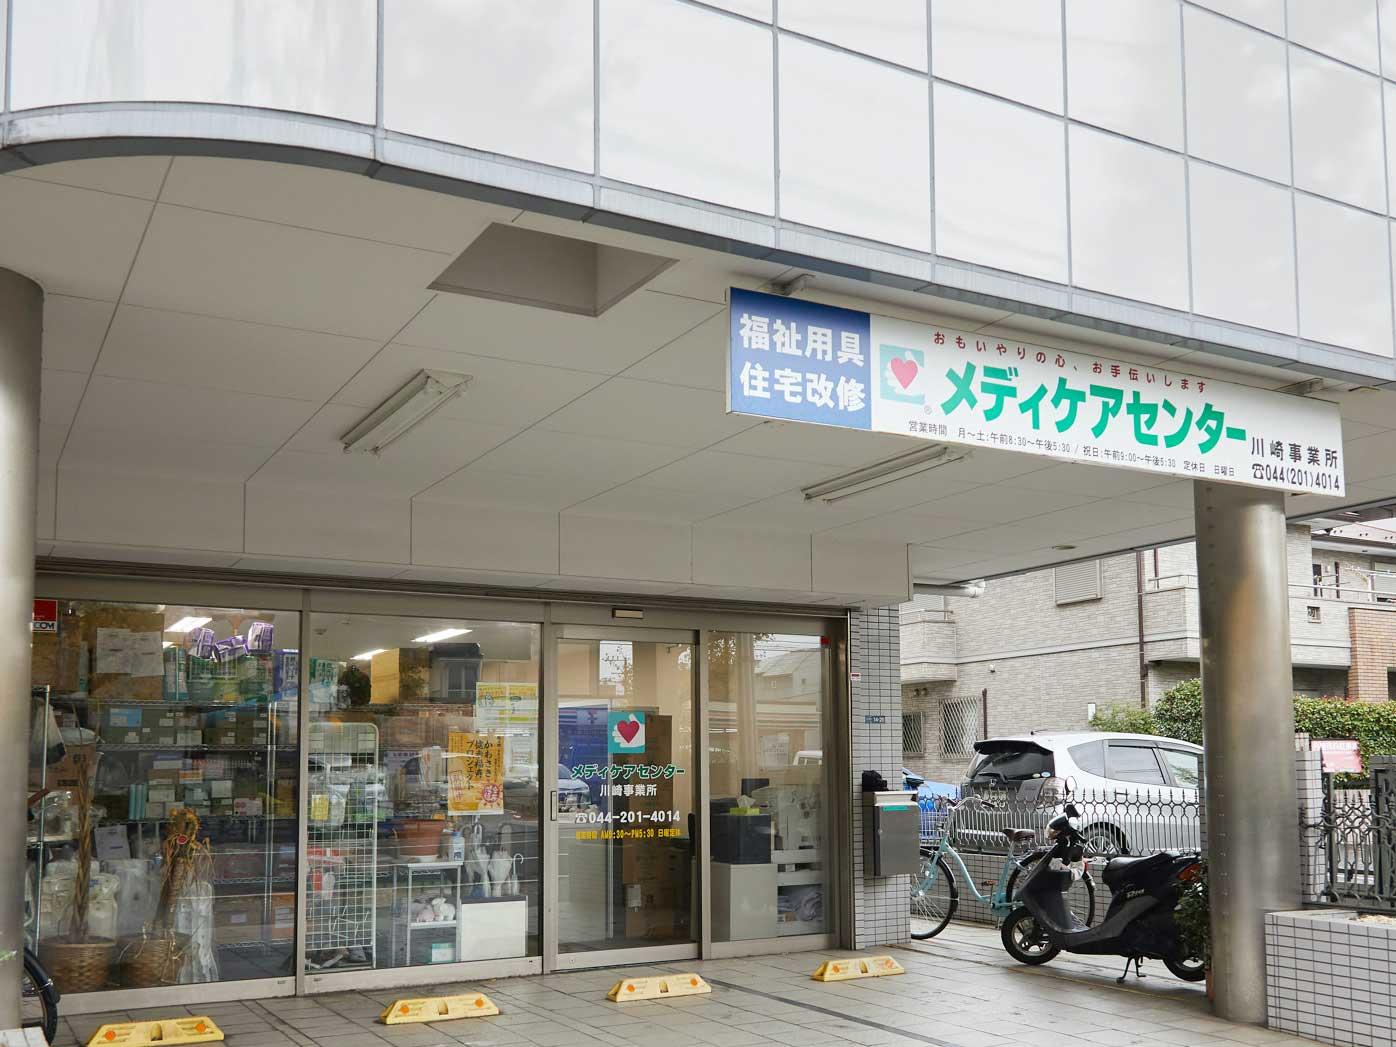 メディケアセンター川崎